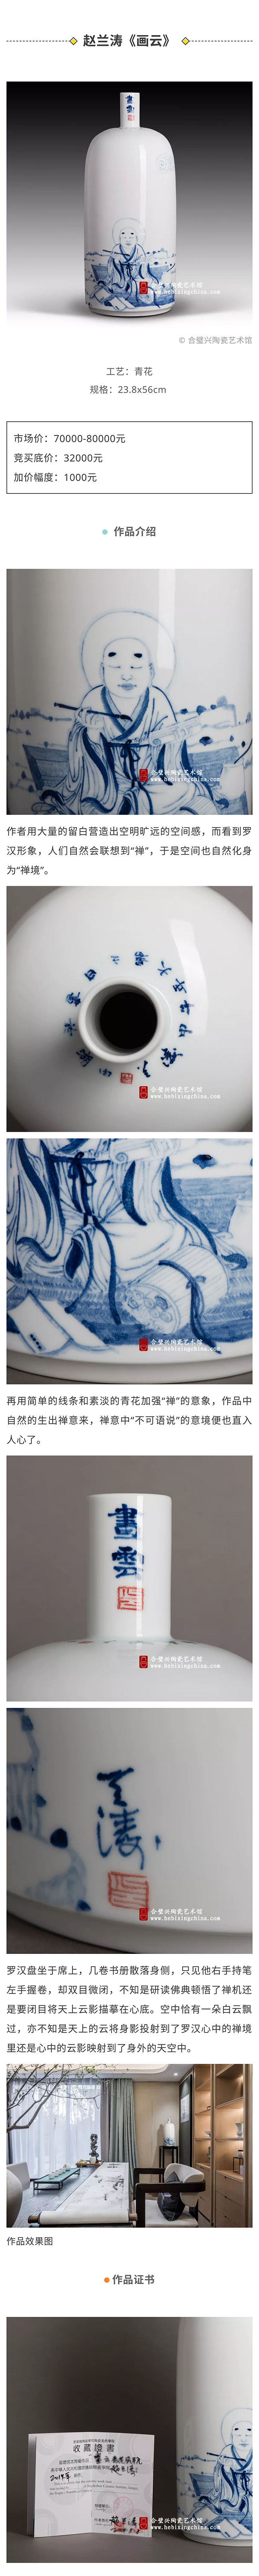 13赵兰涛-画云.jpg